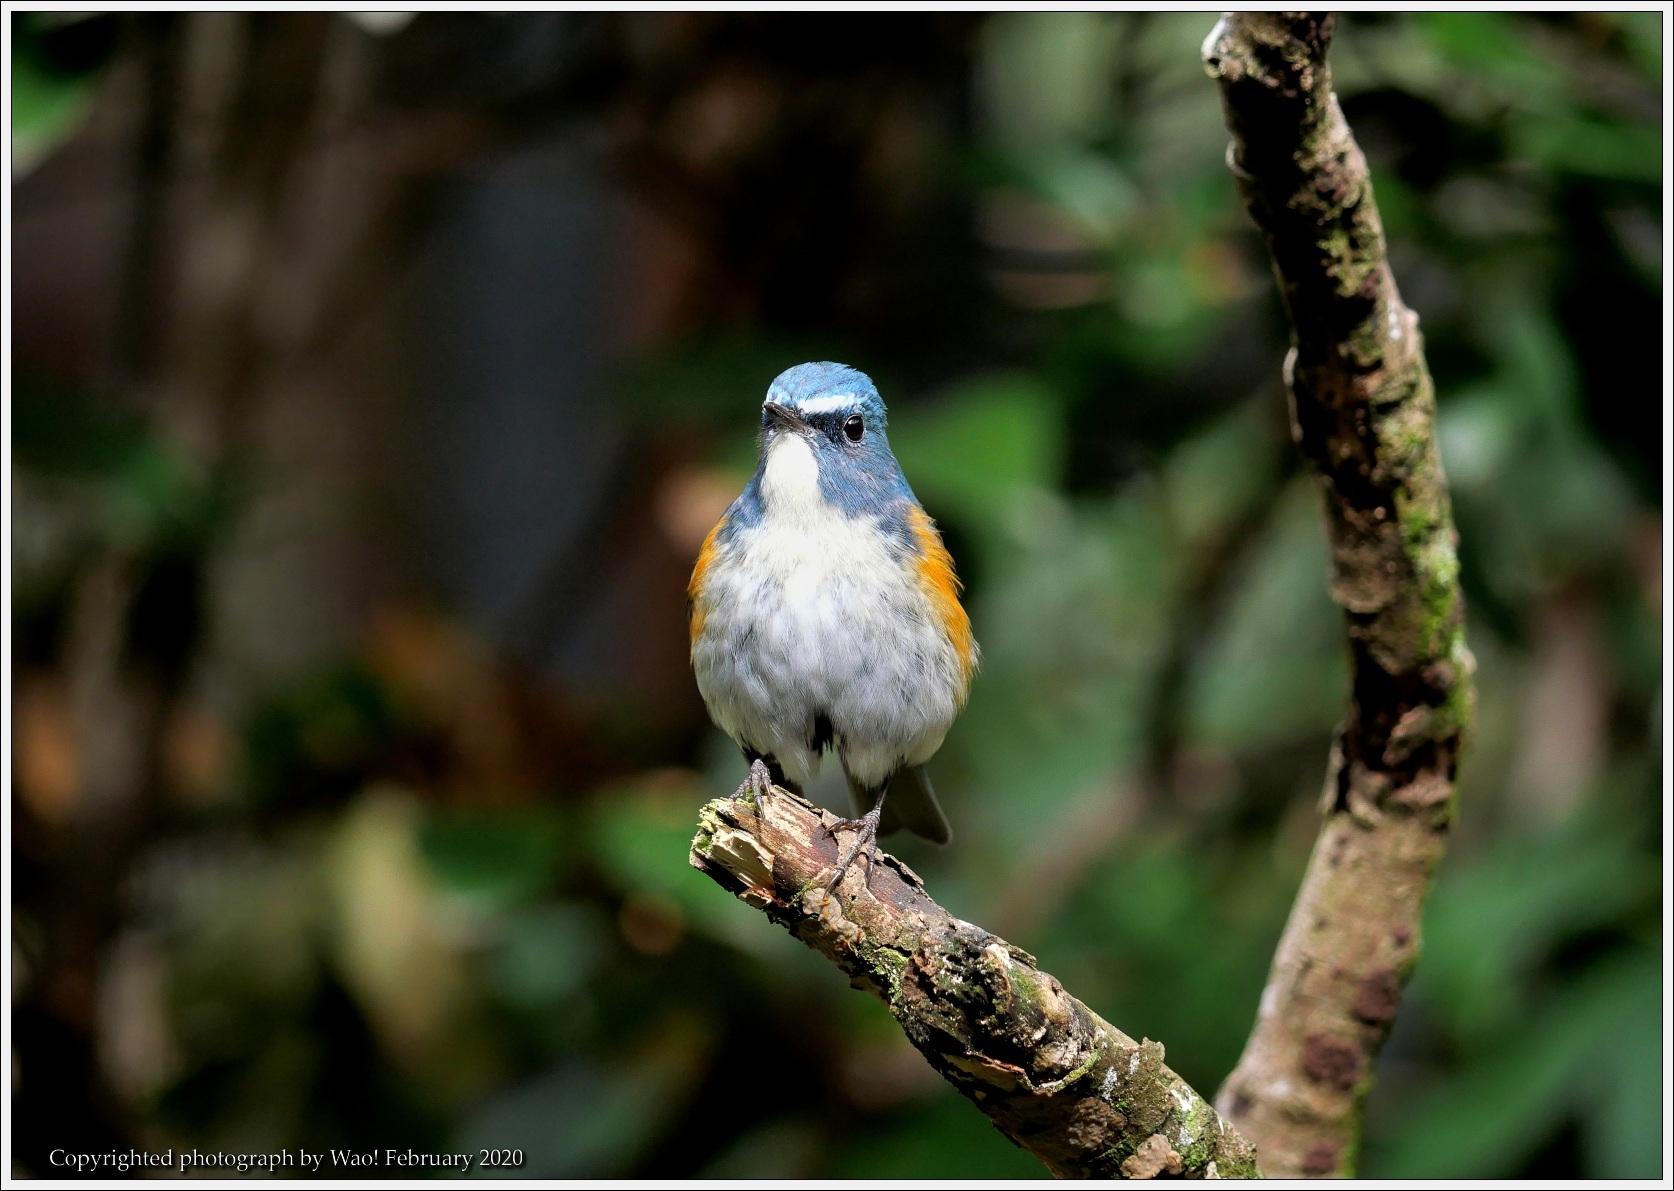 野鳥園のルリ・コマ・キビタキ_c0198669_14153279.jpg